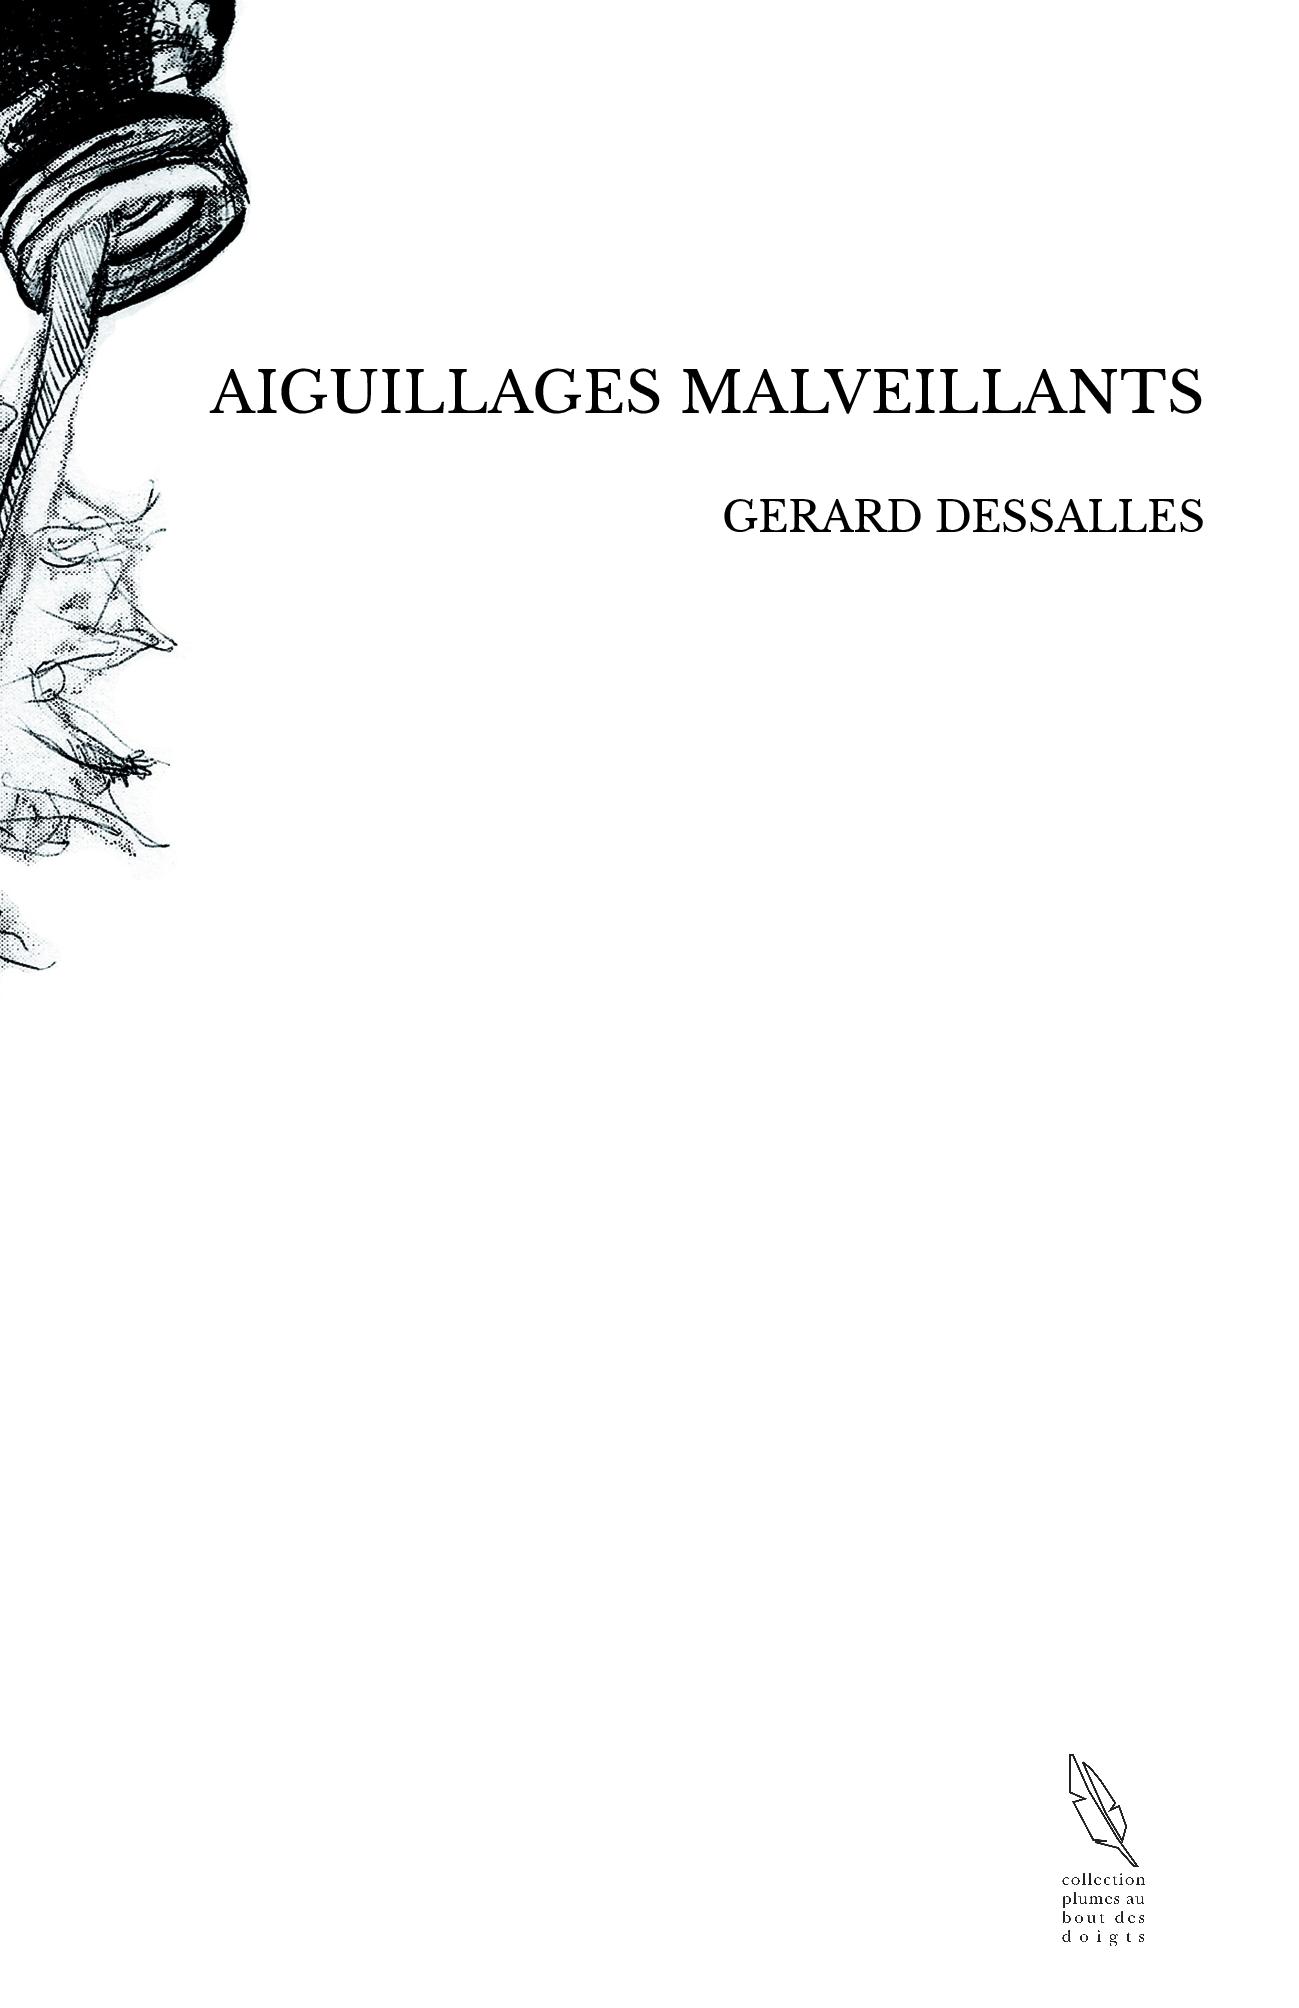 AIGUILLAGES MALVEILLANTS